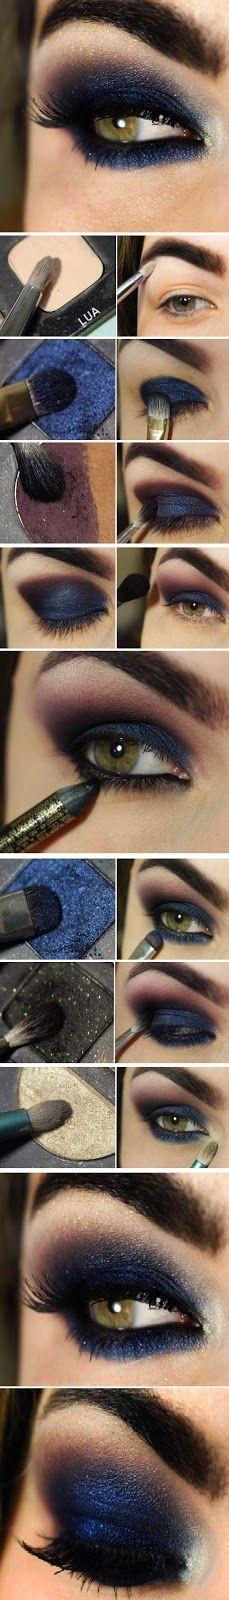 Fantastic Makeup Tips for Formal Cocktails | Beauty Bazar